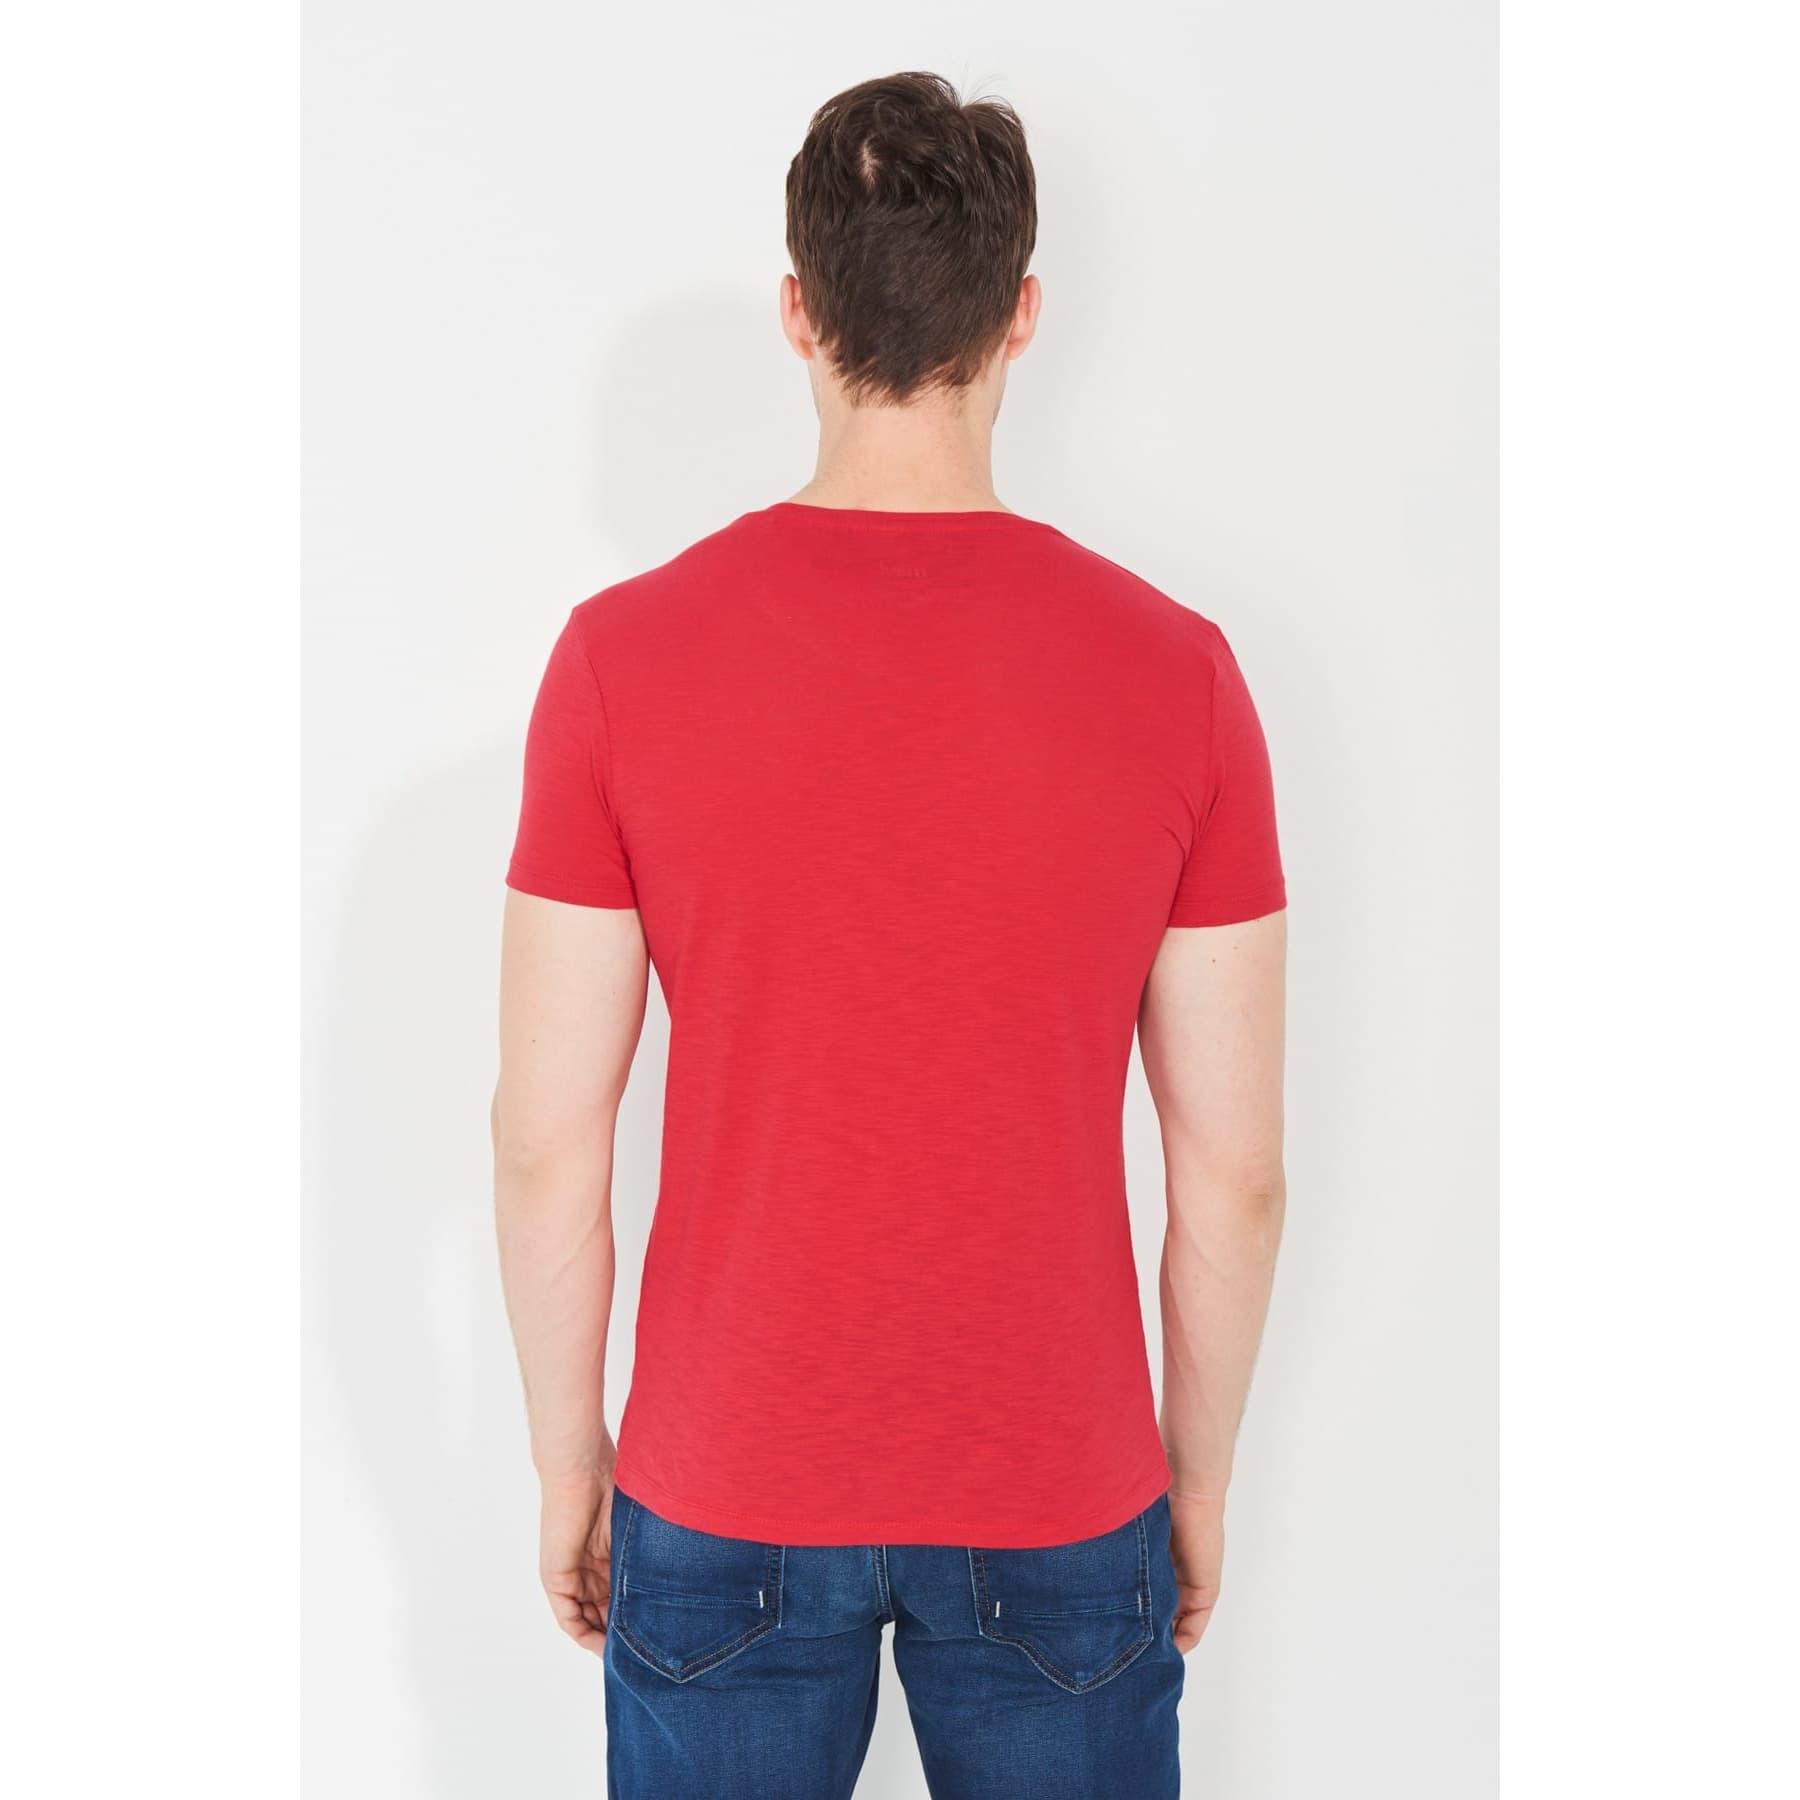 Tişört Biber Kırmızı